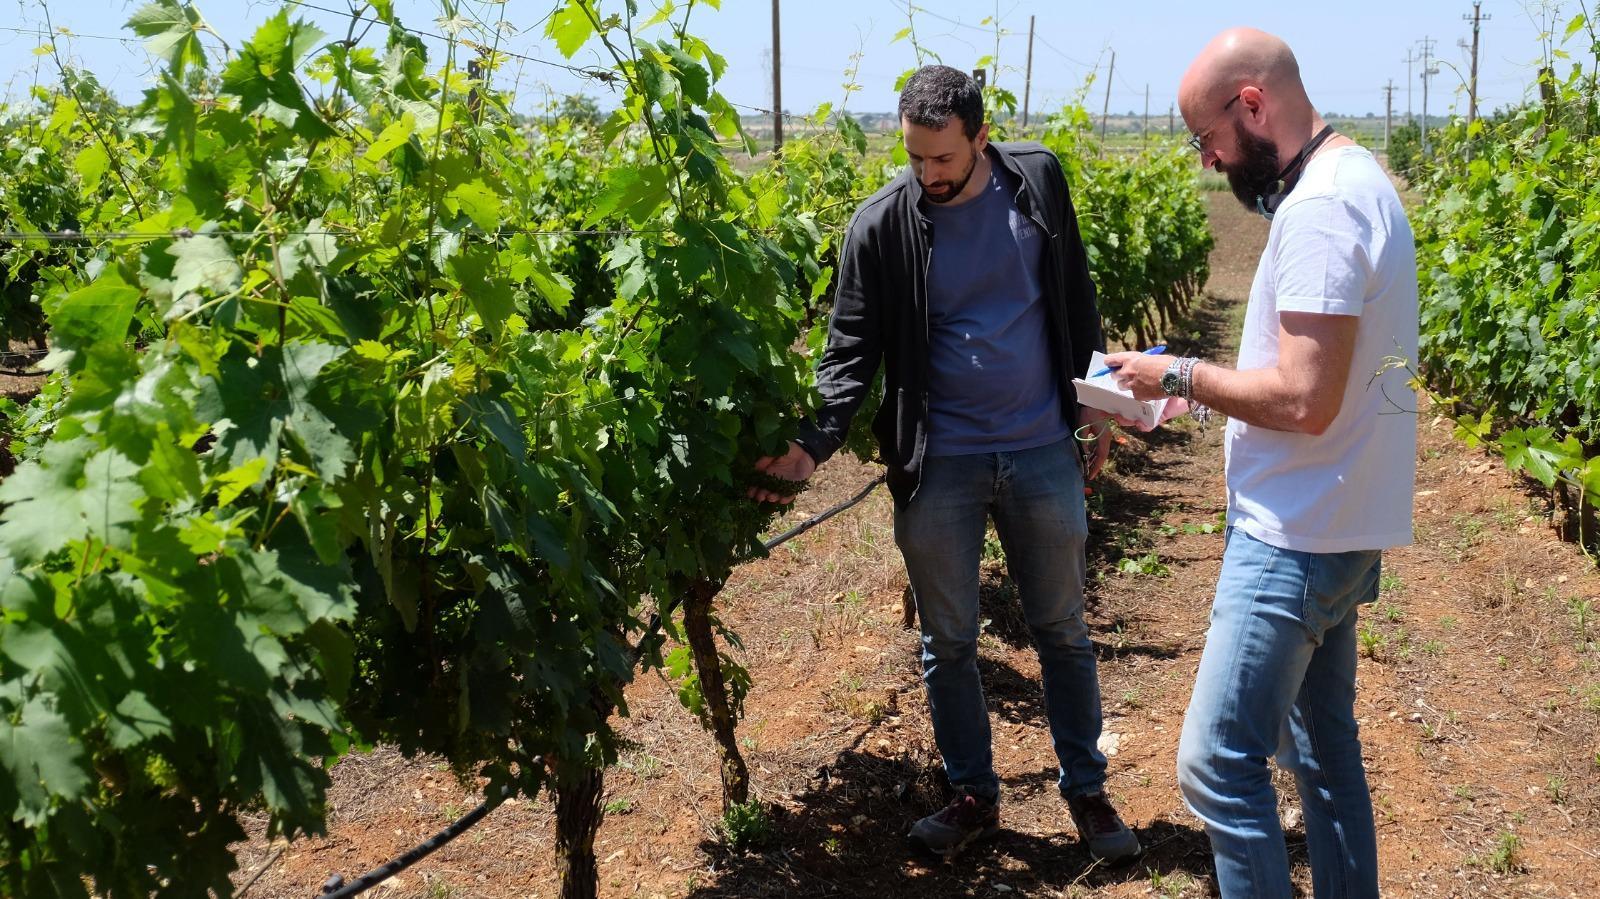 Chiacchiere con i produttori: Marco Ludovico Enoartigiano in terra delle Gravine